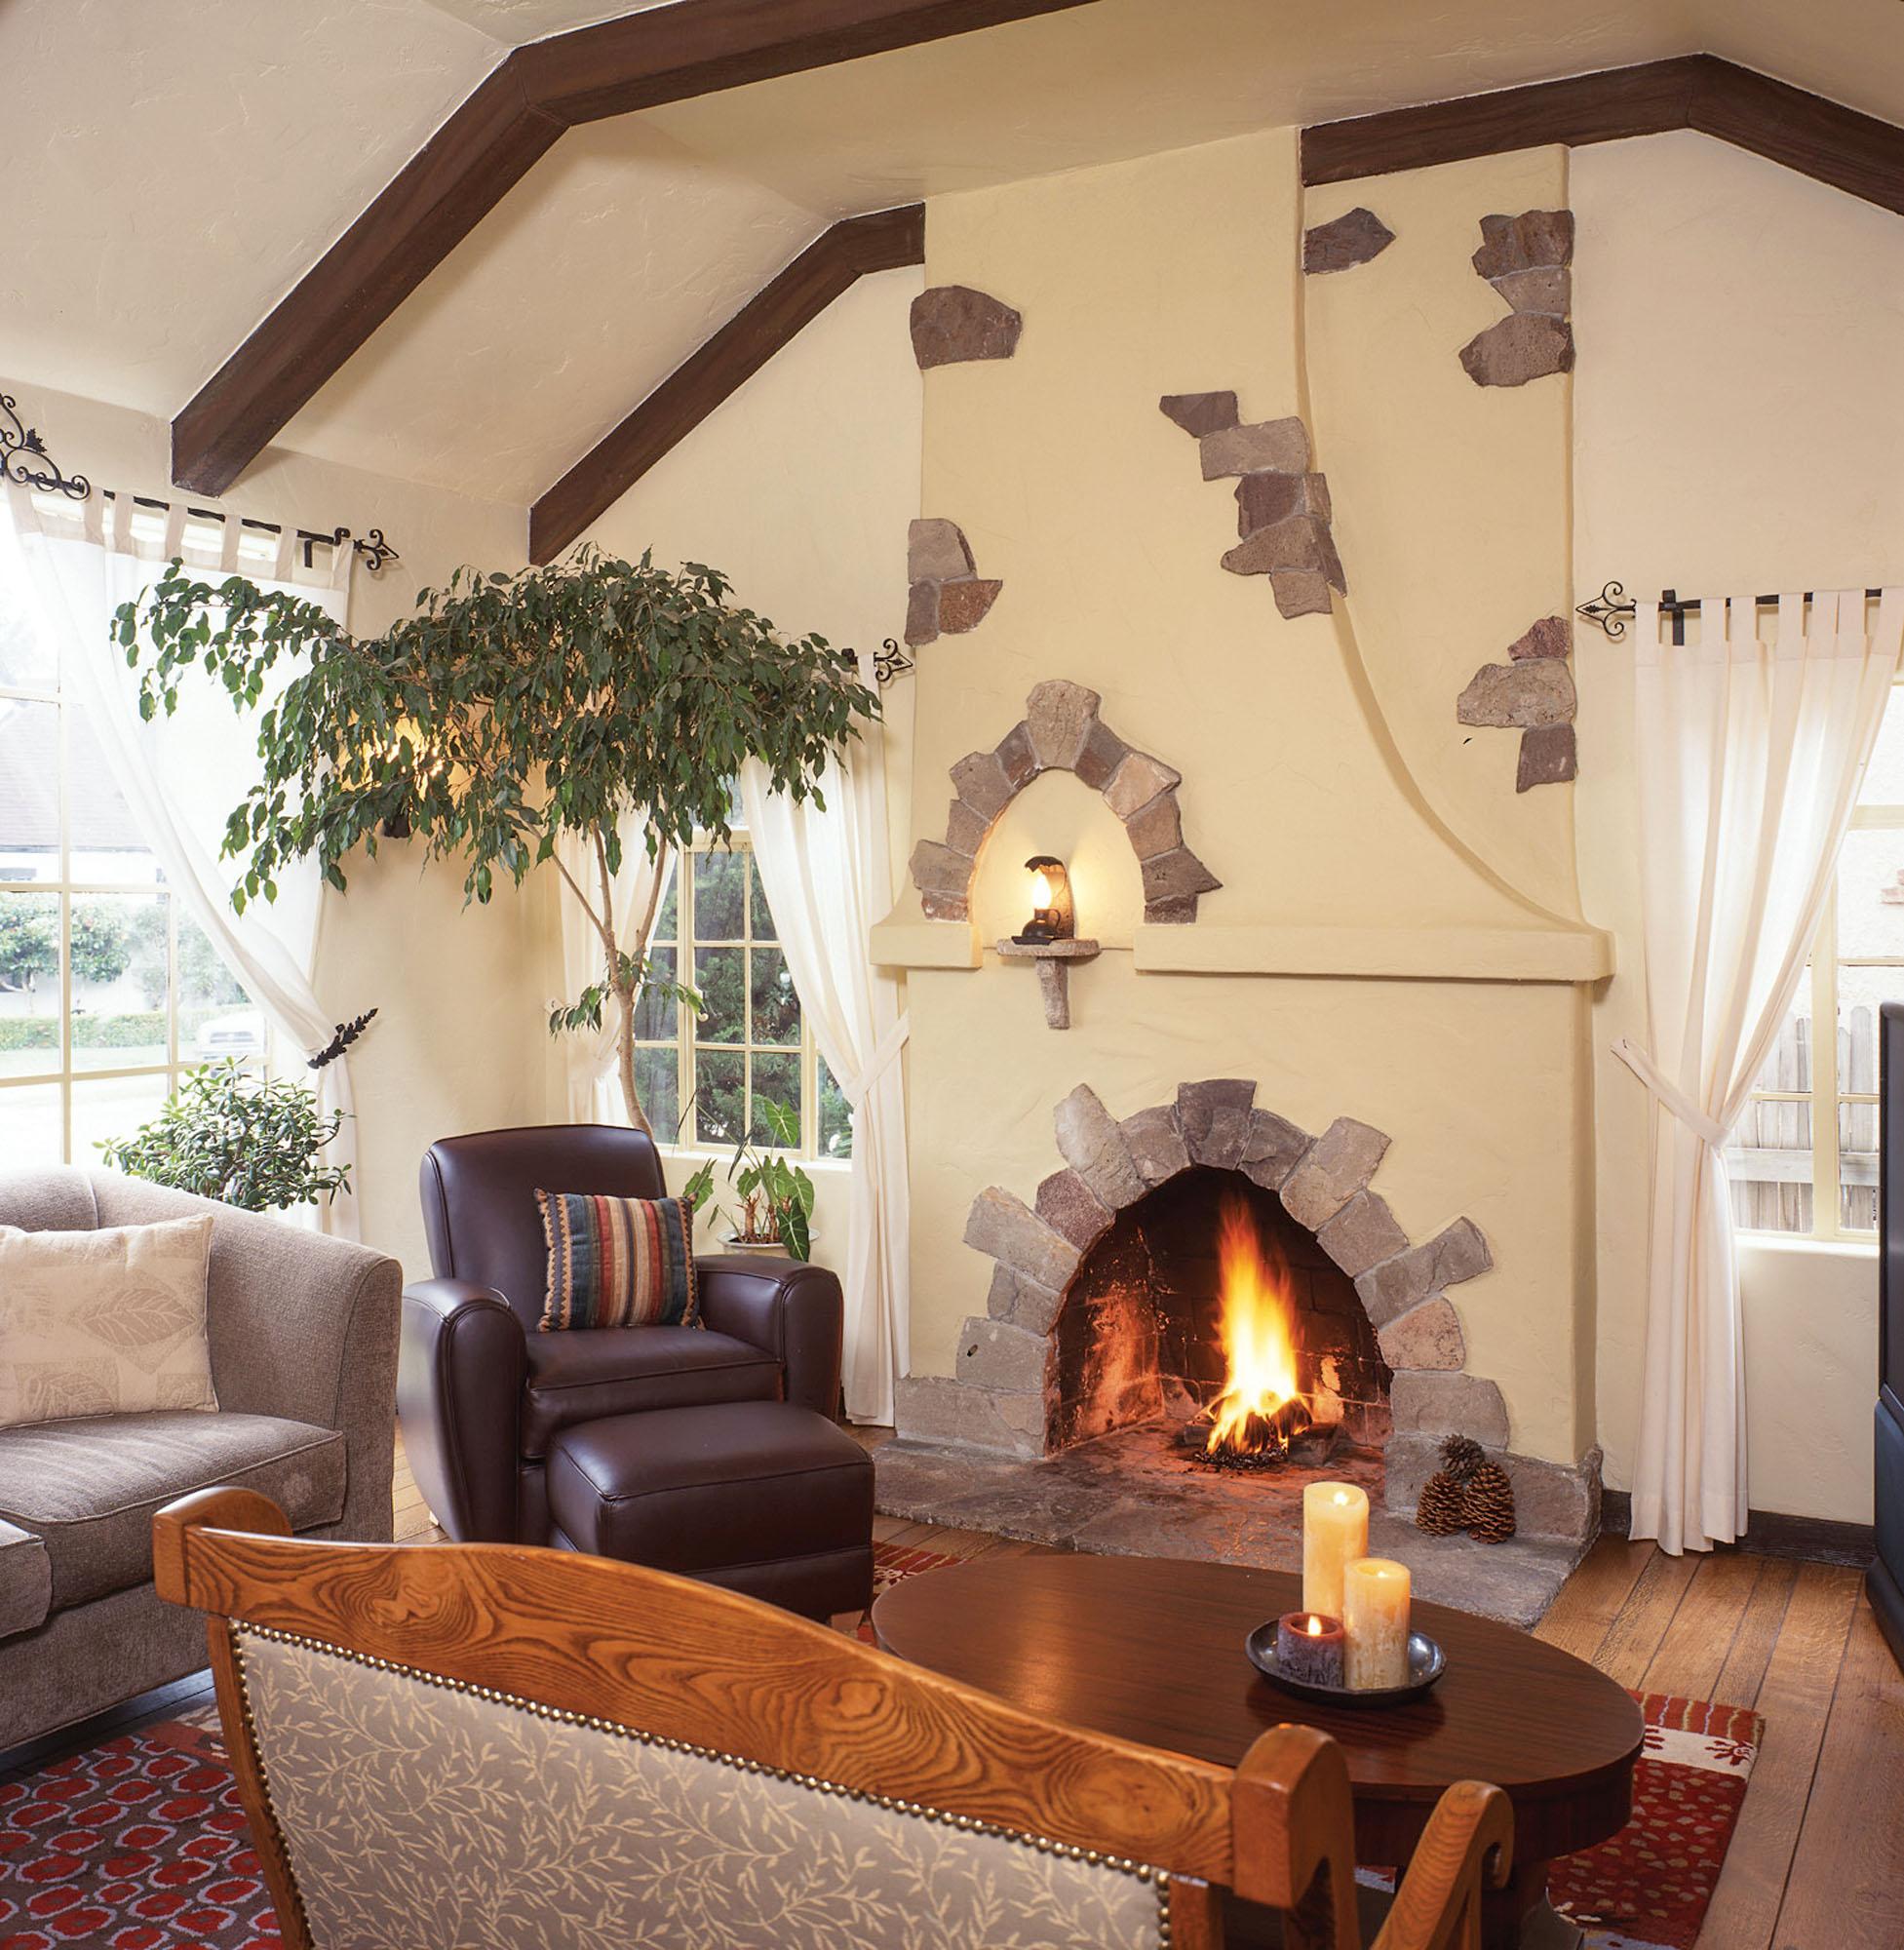 interior home by W.W. Dixon